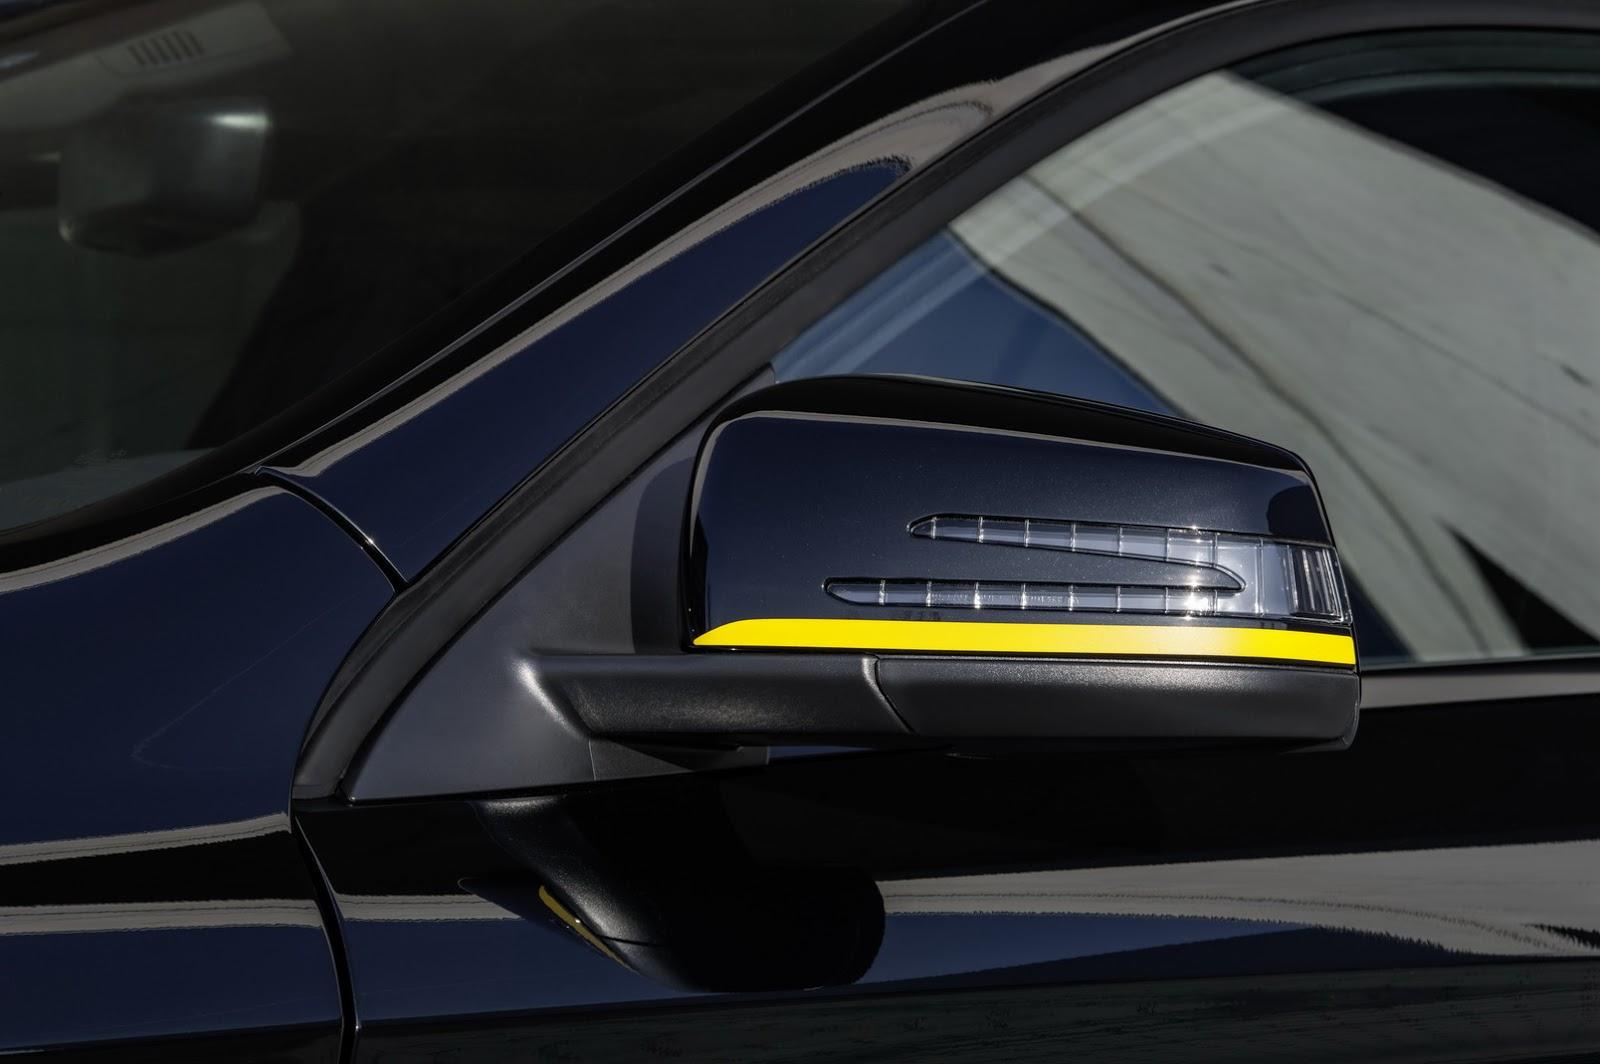 Mercedes GLA facelift and GLA 45 AMG facelift 2017 (73)